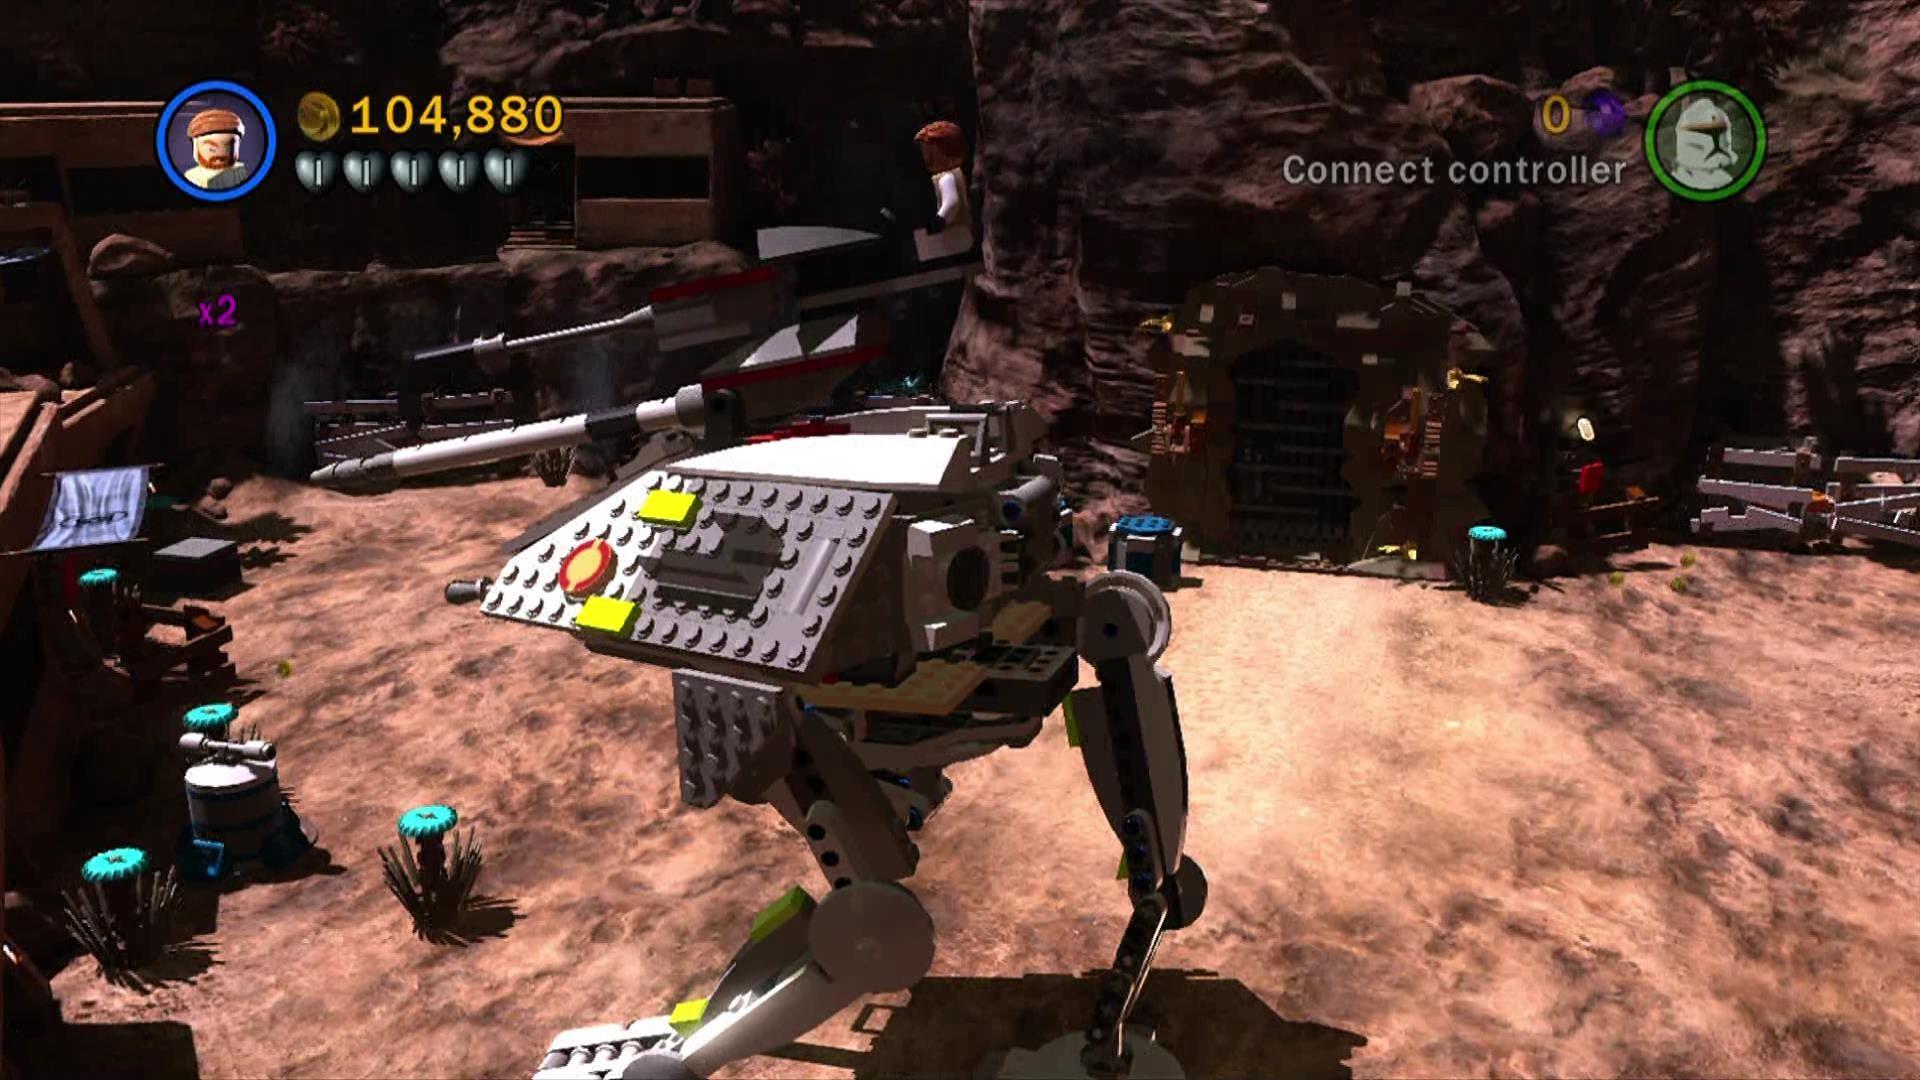 Лего звездные войны клонов игра игры в которые можно поиграть в черепашки ниндзя